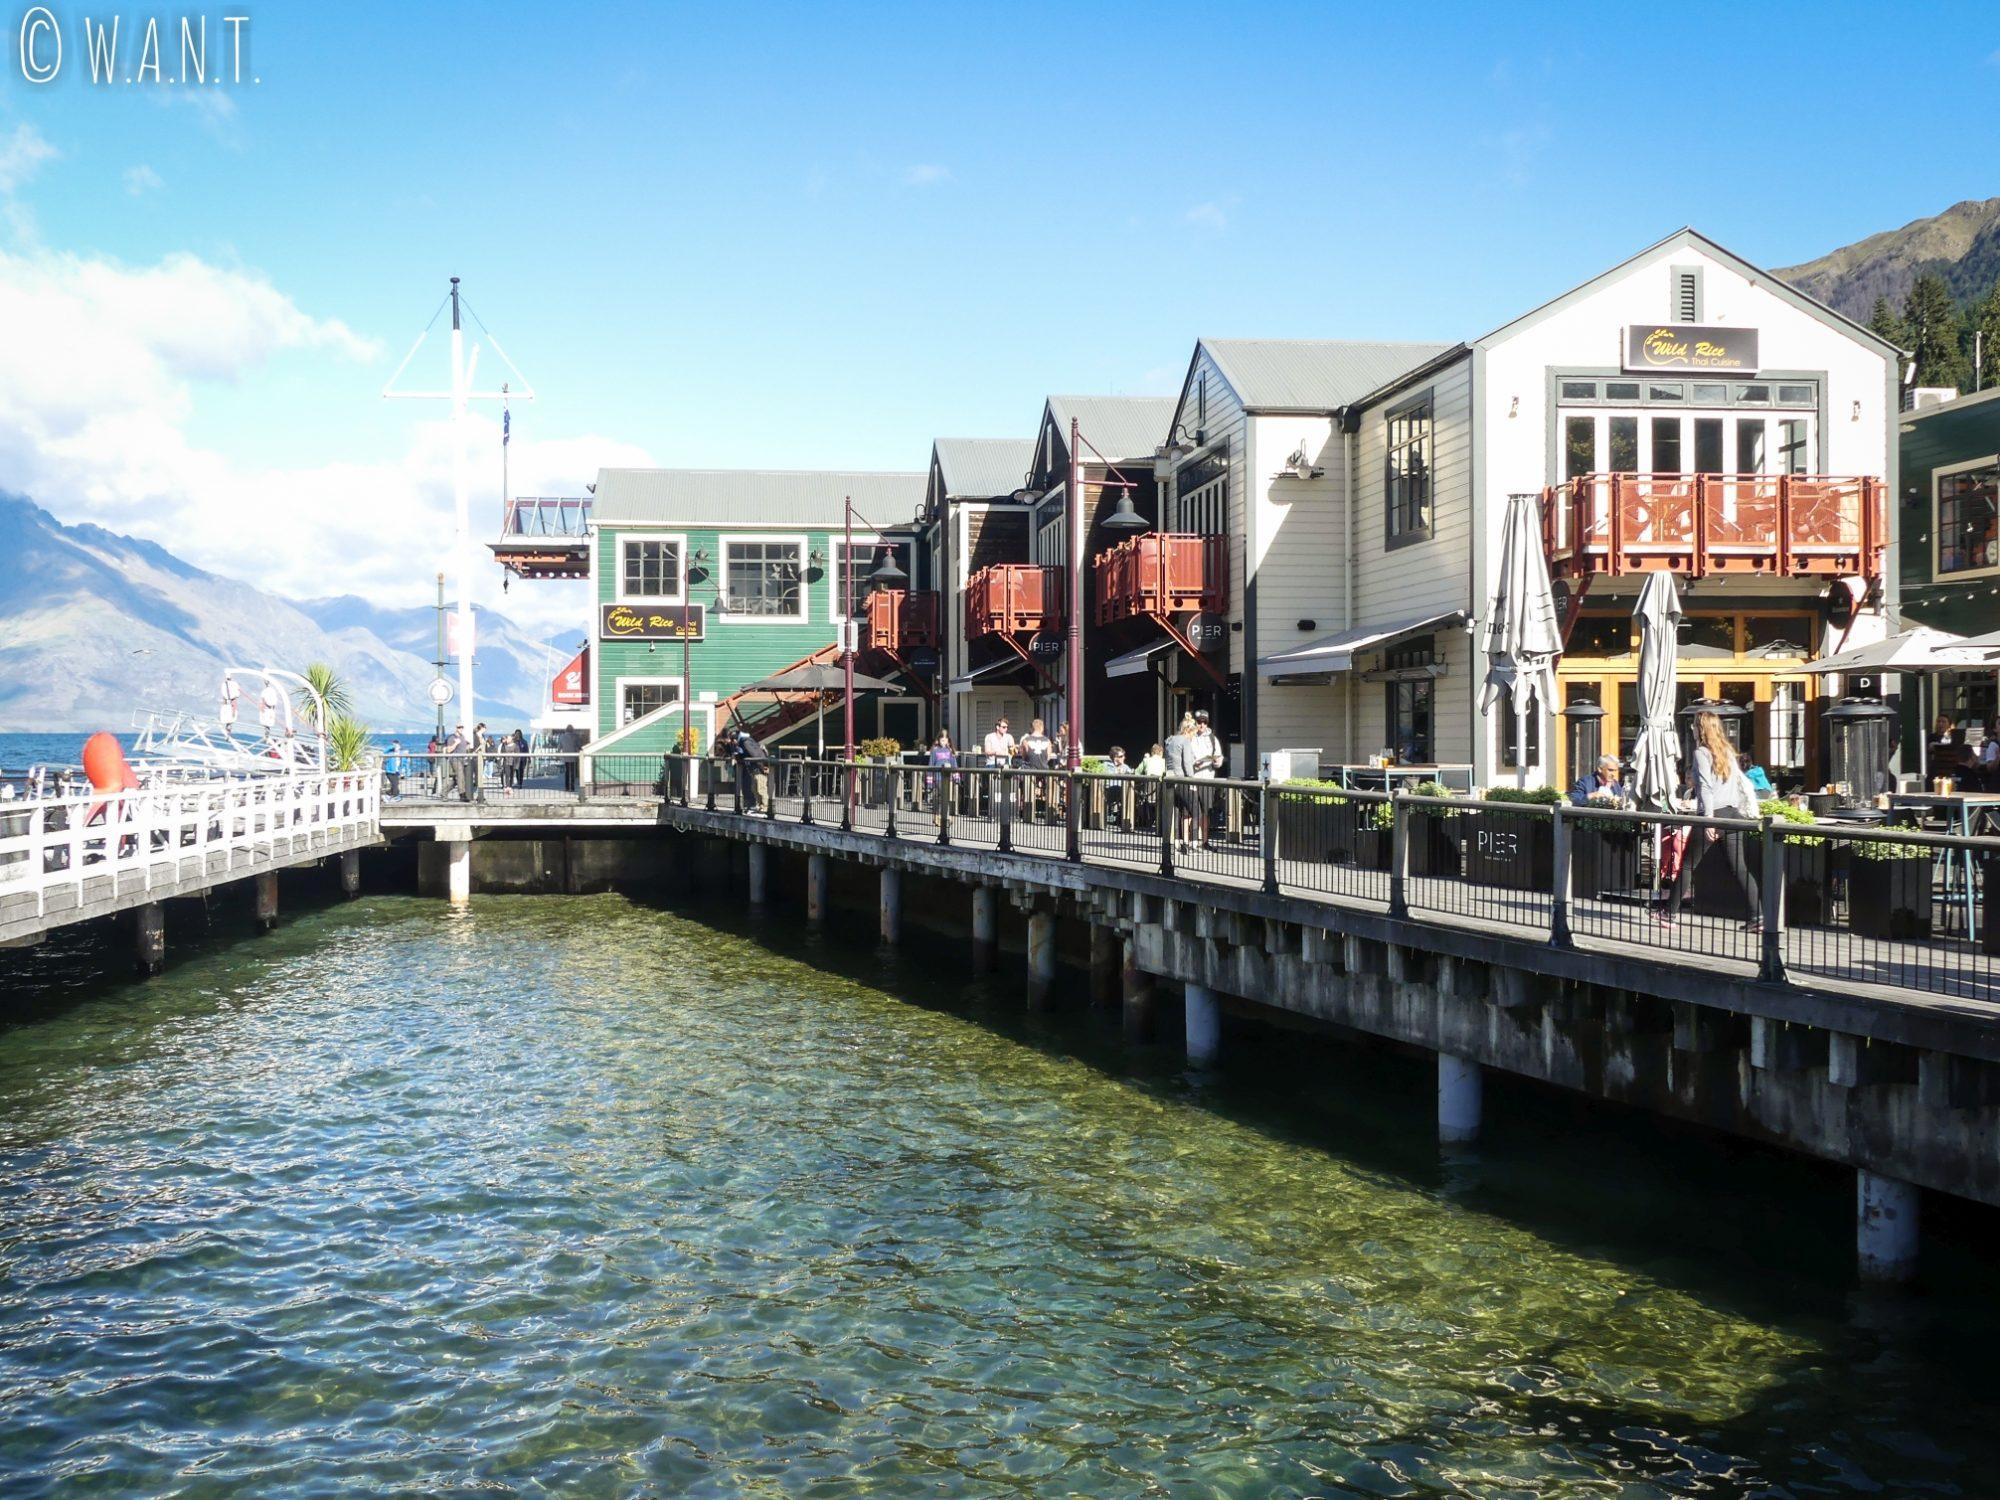 Des restaurants bordent le lac Wakatipu à Queenstown en Nouvelle-Zélande